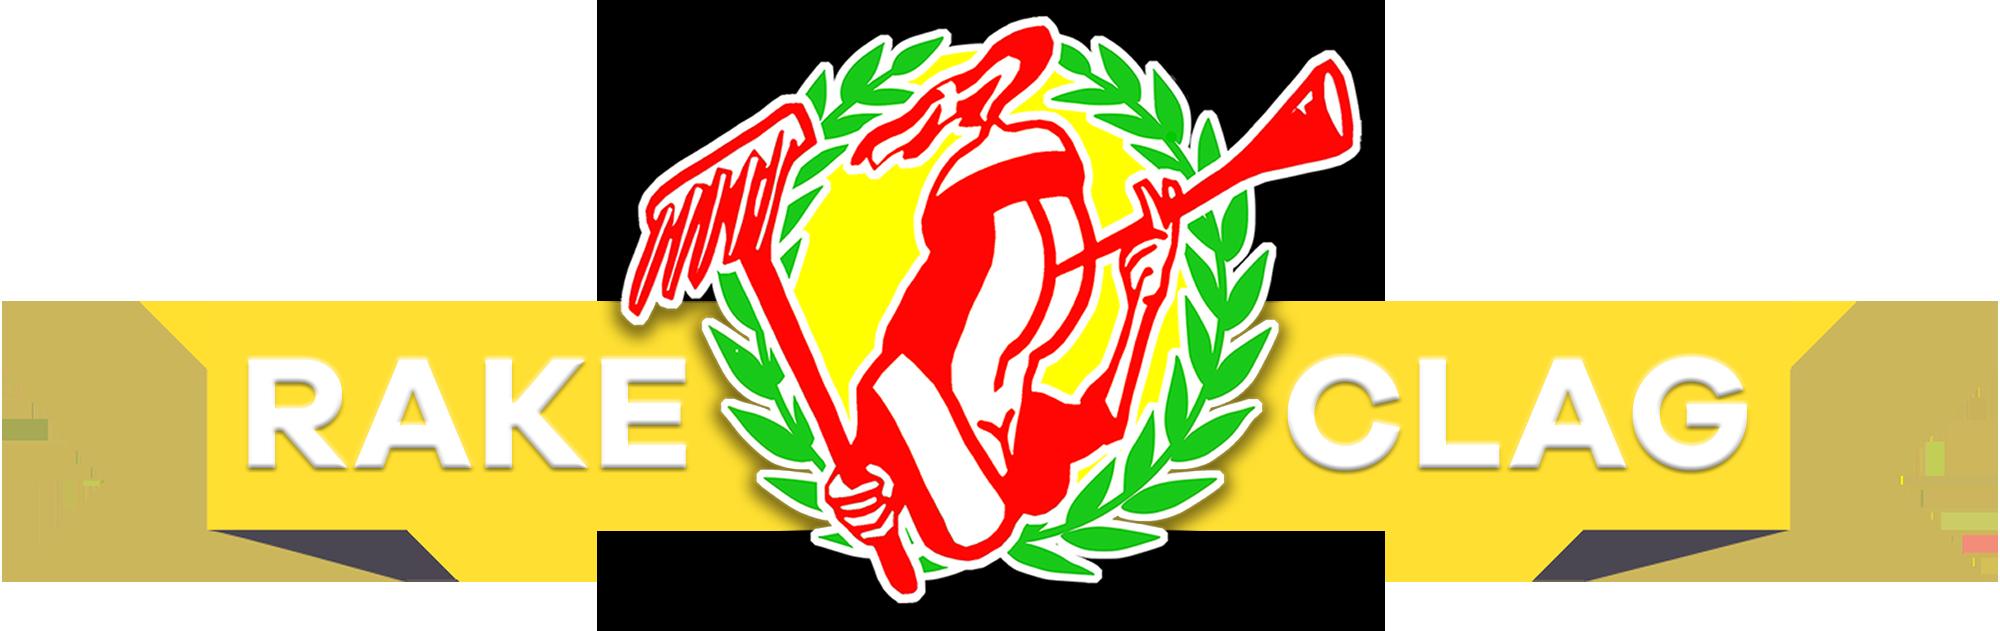 The Rake & Herald Online Clag Emporium Logo